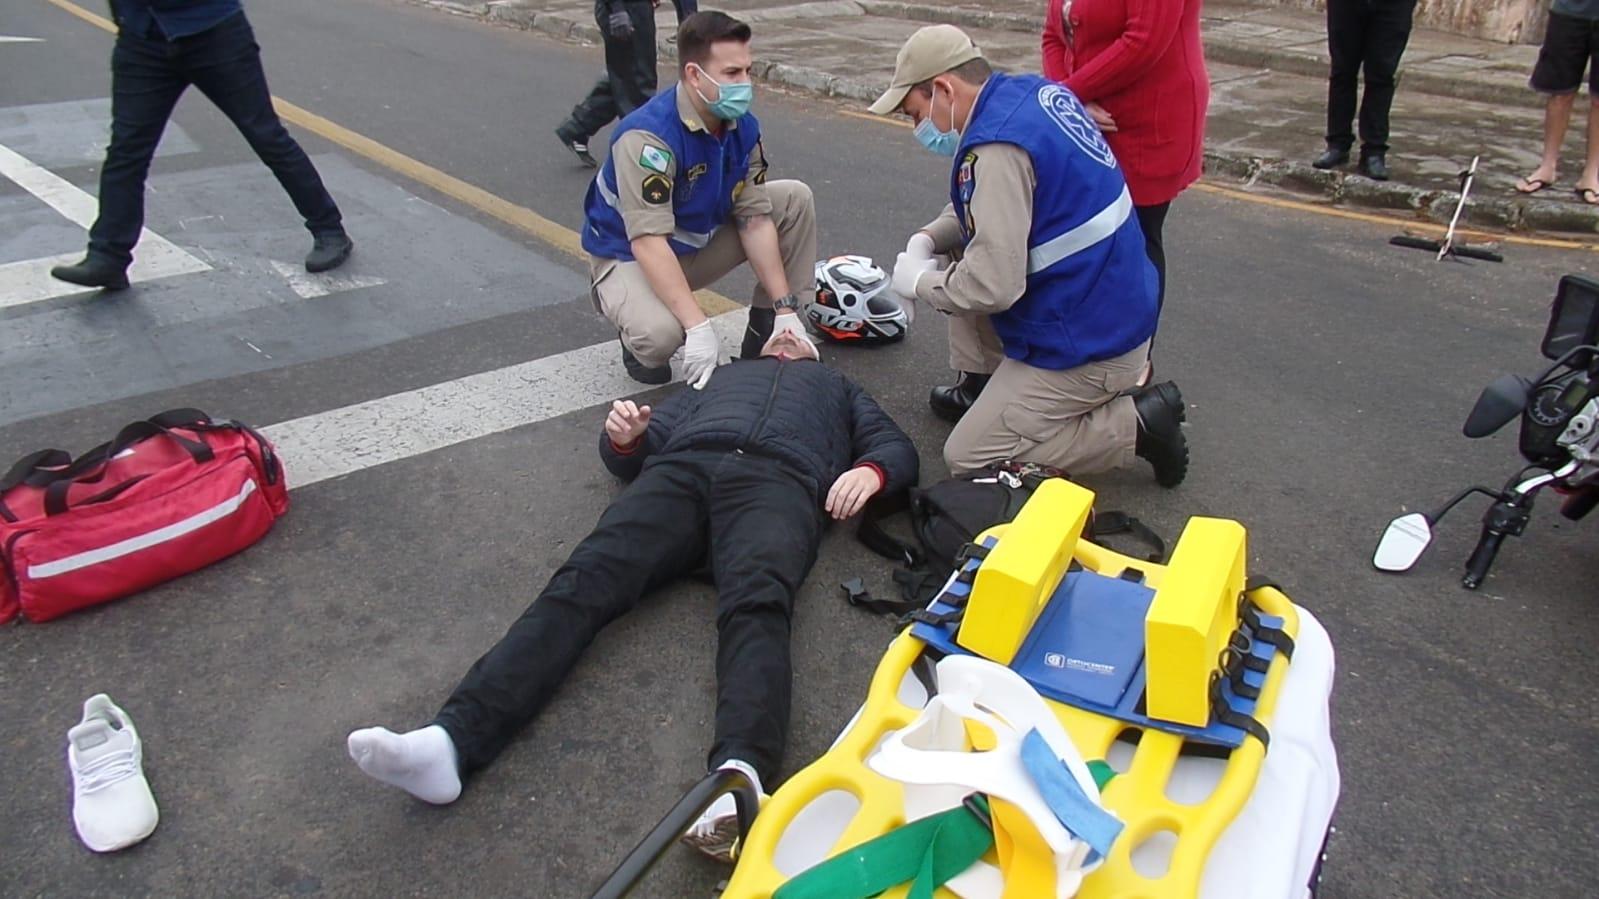 Agora: Motociclista fica ferido após ser atingido por carro em Uvaranas